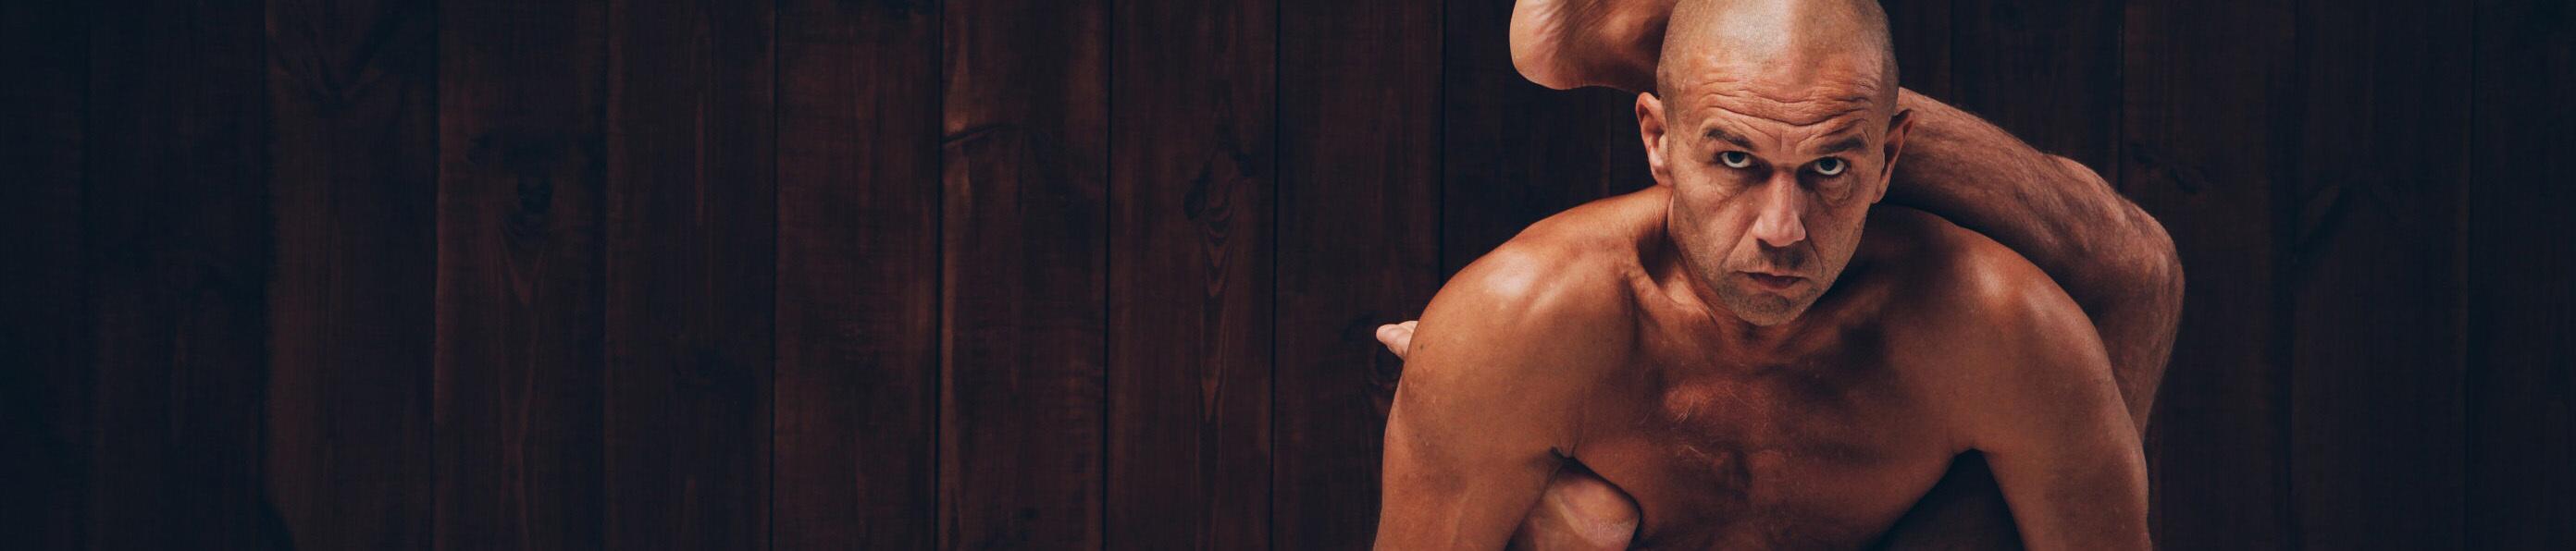 Комплекс для практикующих CrossFit №1